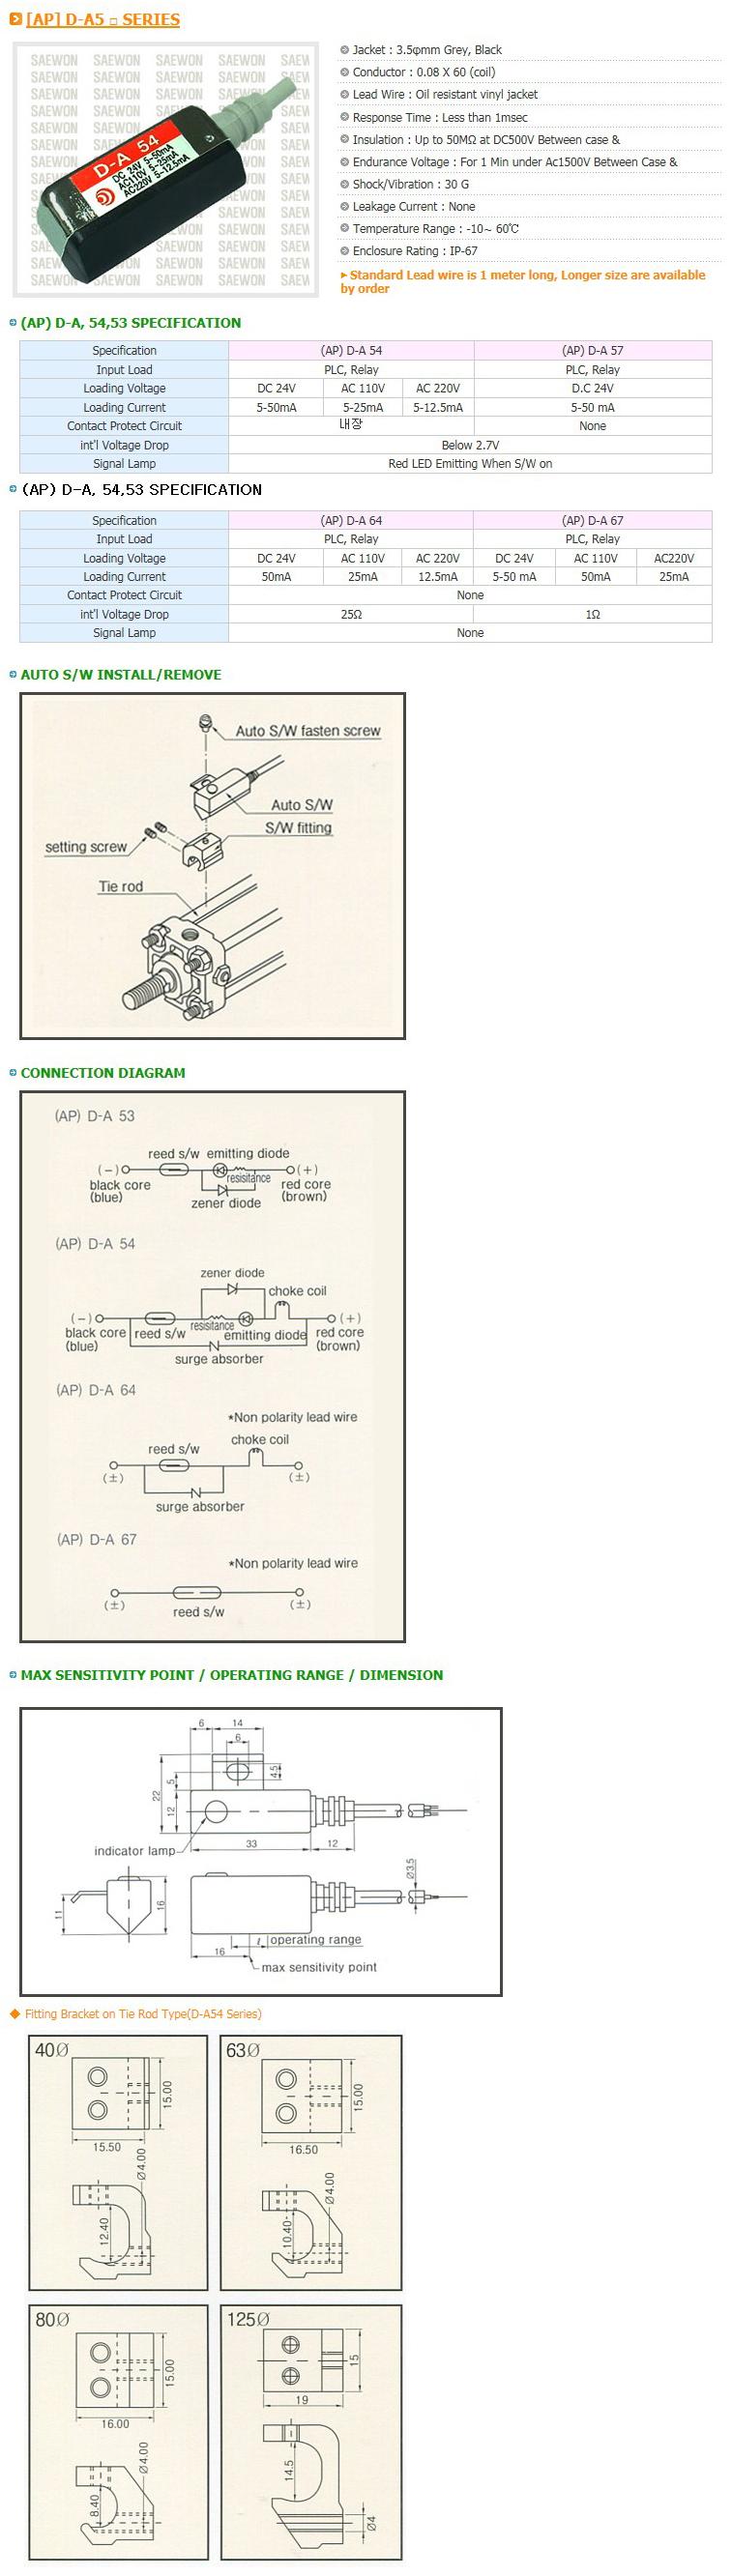 Saewon Electronics DSC AP D-A5 Series